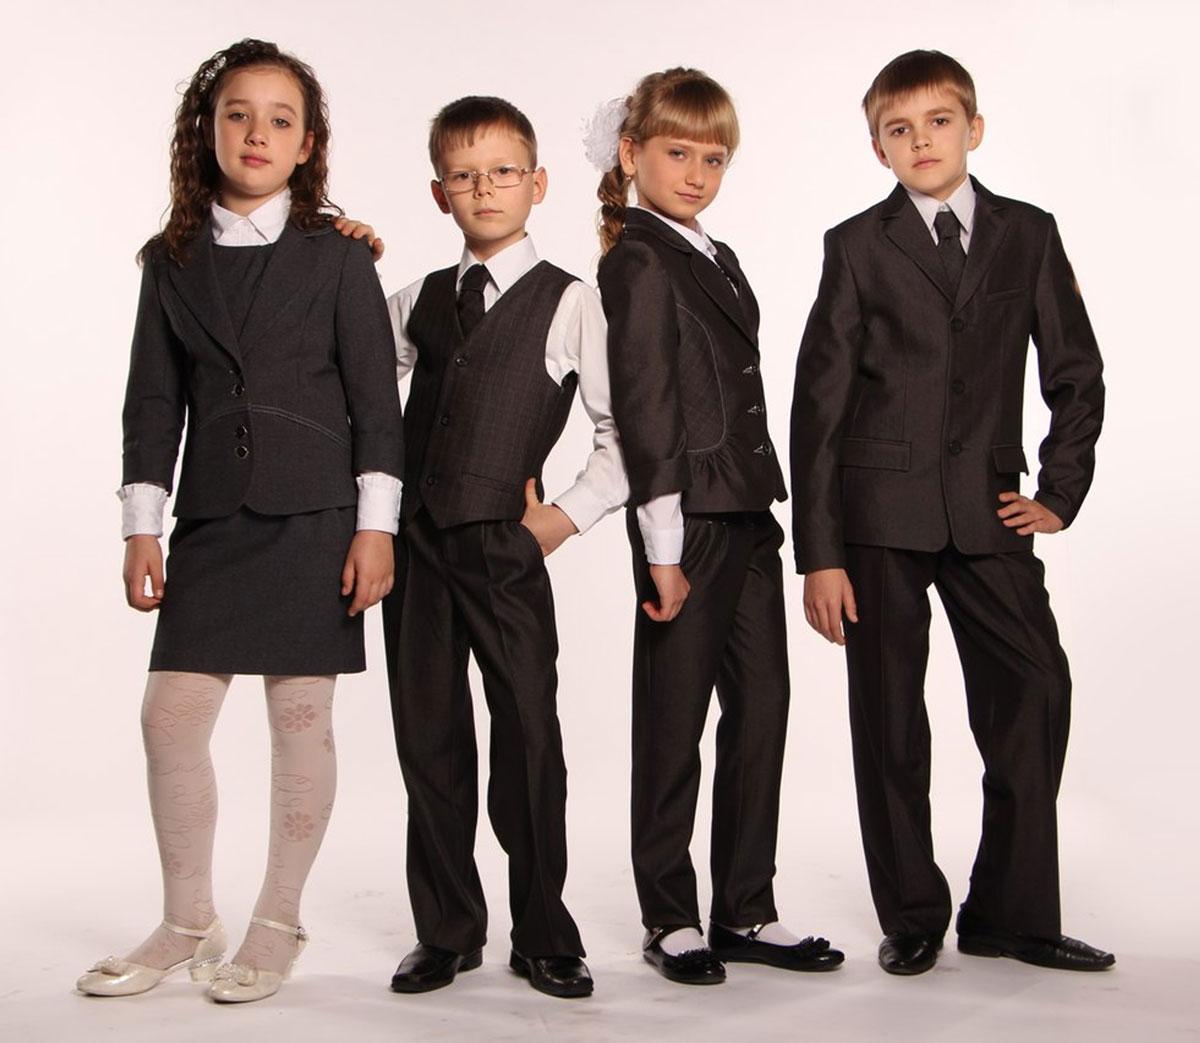 Где купить, заказать школьную форму в Ярославле Где сшить форму в школу